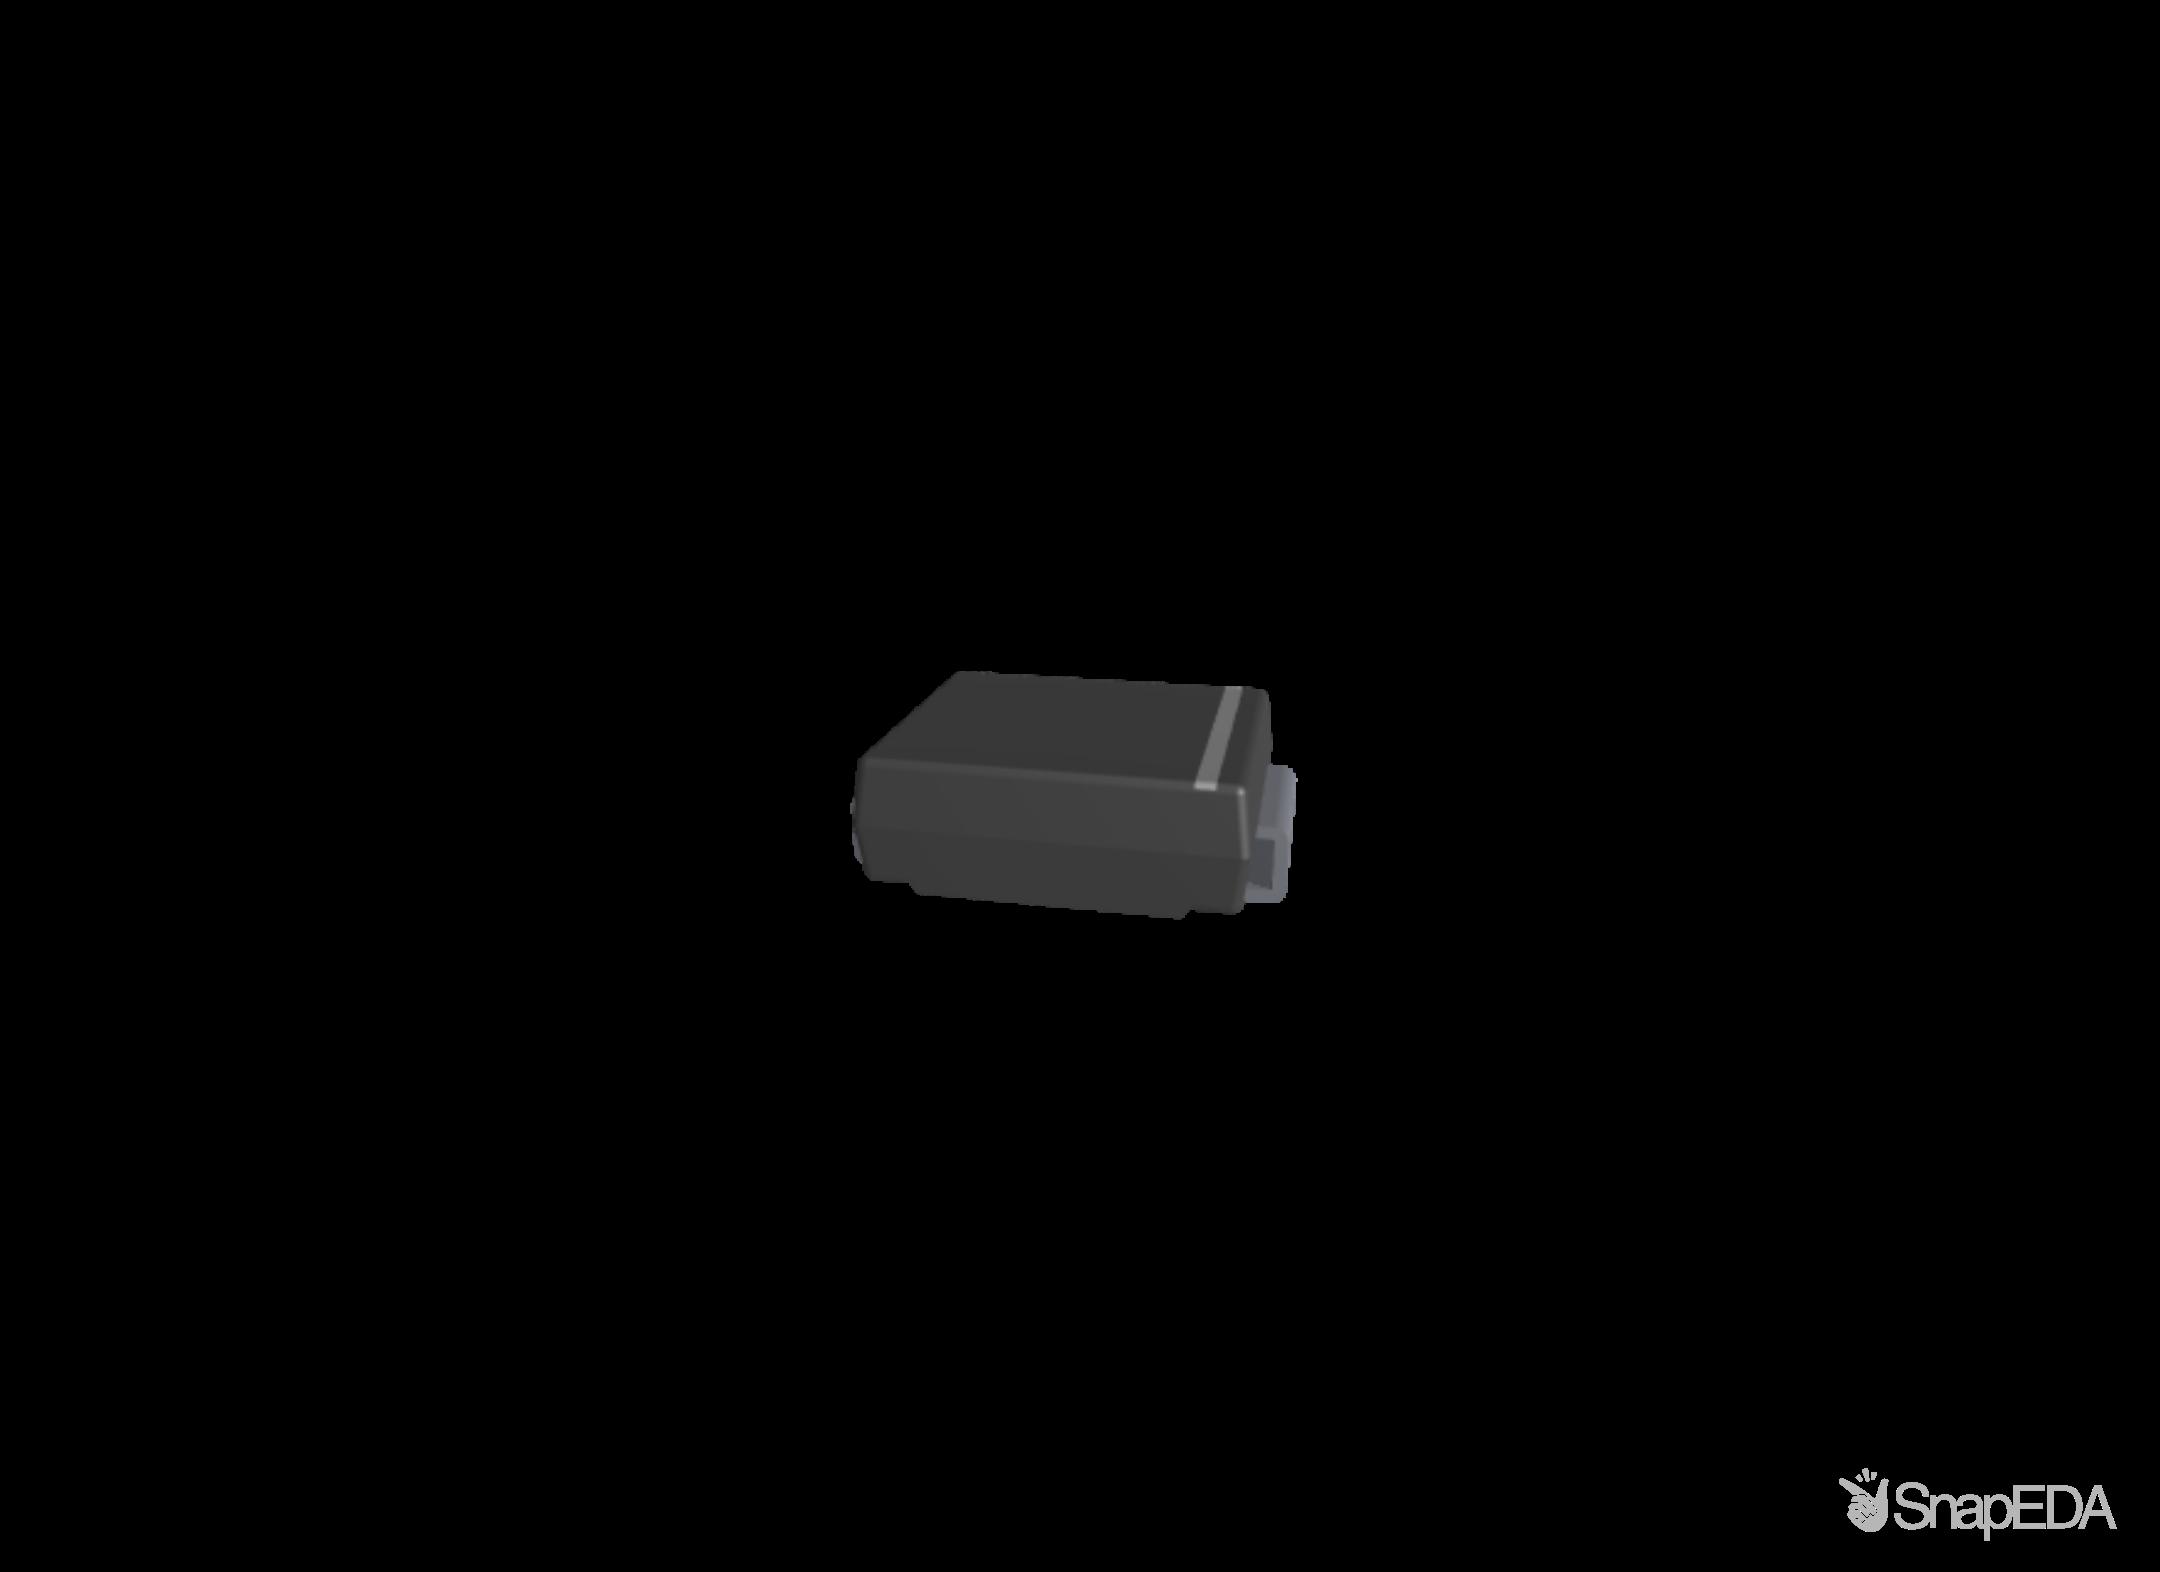 1.5SMC6.8A 3D Model